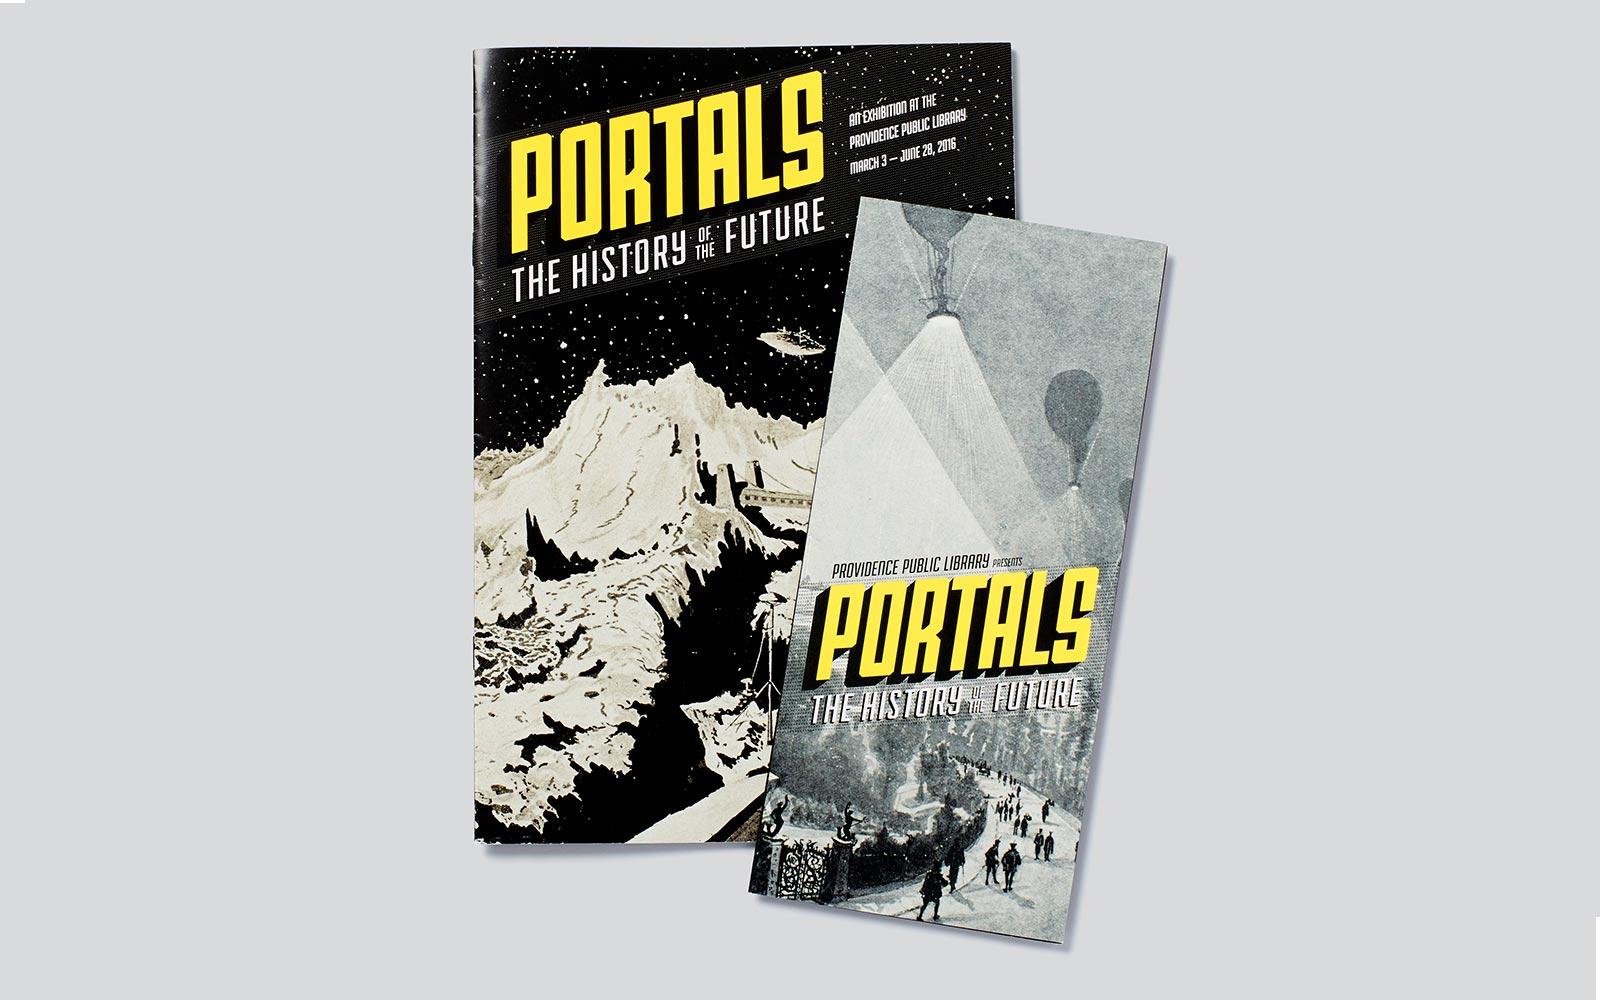 PPL_portals_COVER